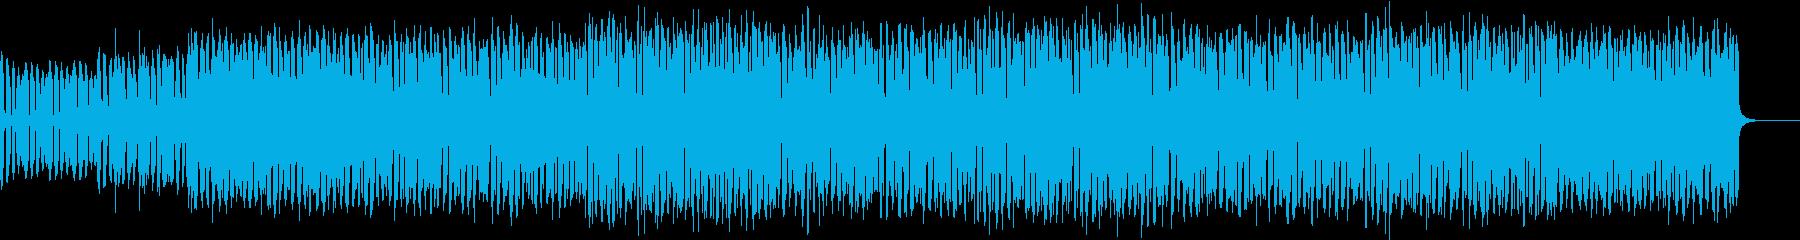 コミカルなメロディのエクササイズダンスの再生済みの波形